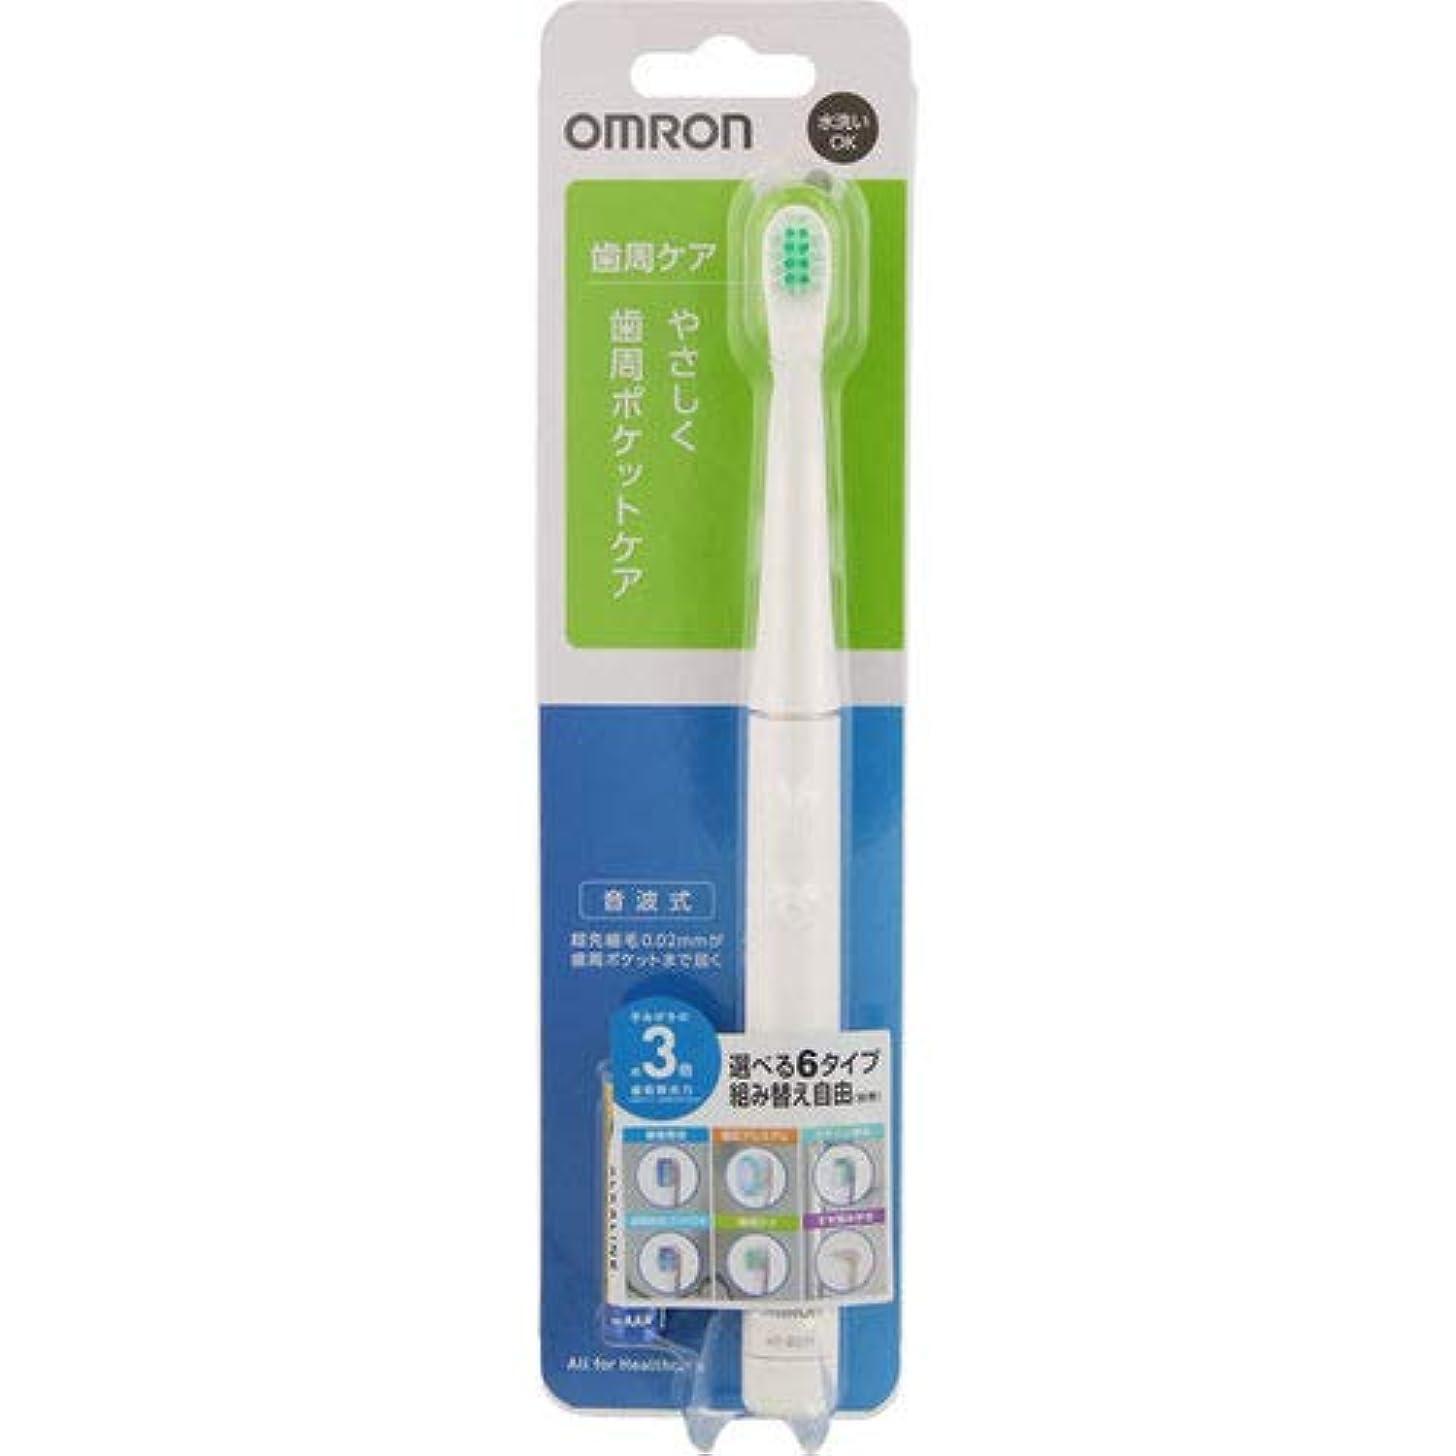 存在ファイアルレーダーオムロン 電動歯ブラシ HT-B221-W ホワイト 電池式